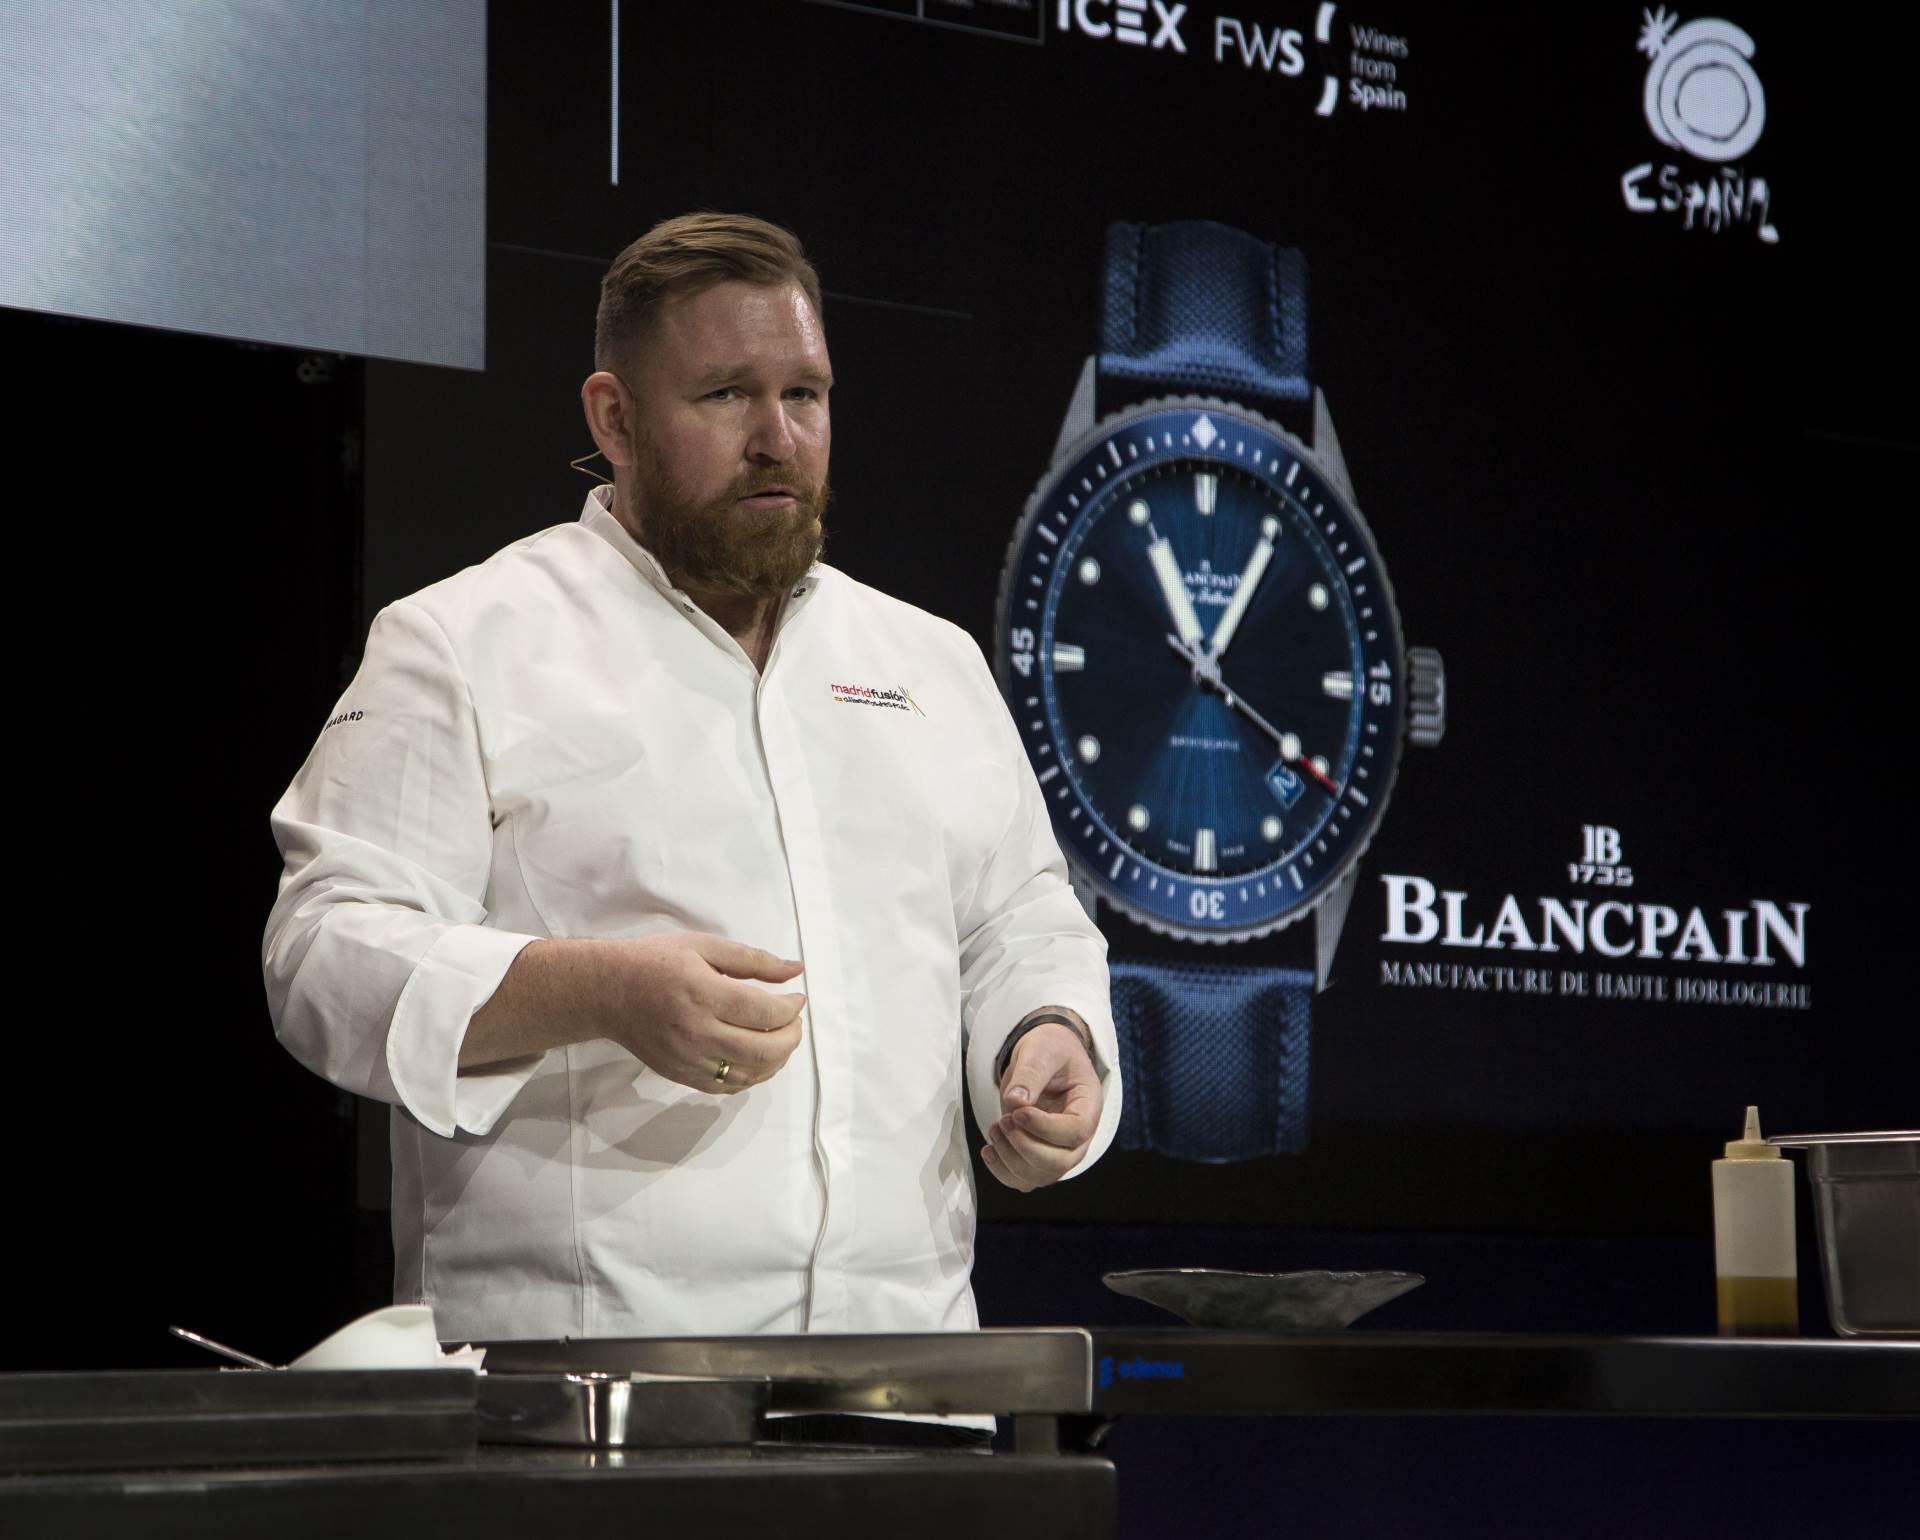 Chef Björn Swanson otvorio je restoran Faelt u Berlinu, u samom jeku pandemije; nakon samo četiri tjedna dobio je Michelinovu zvjezdicu